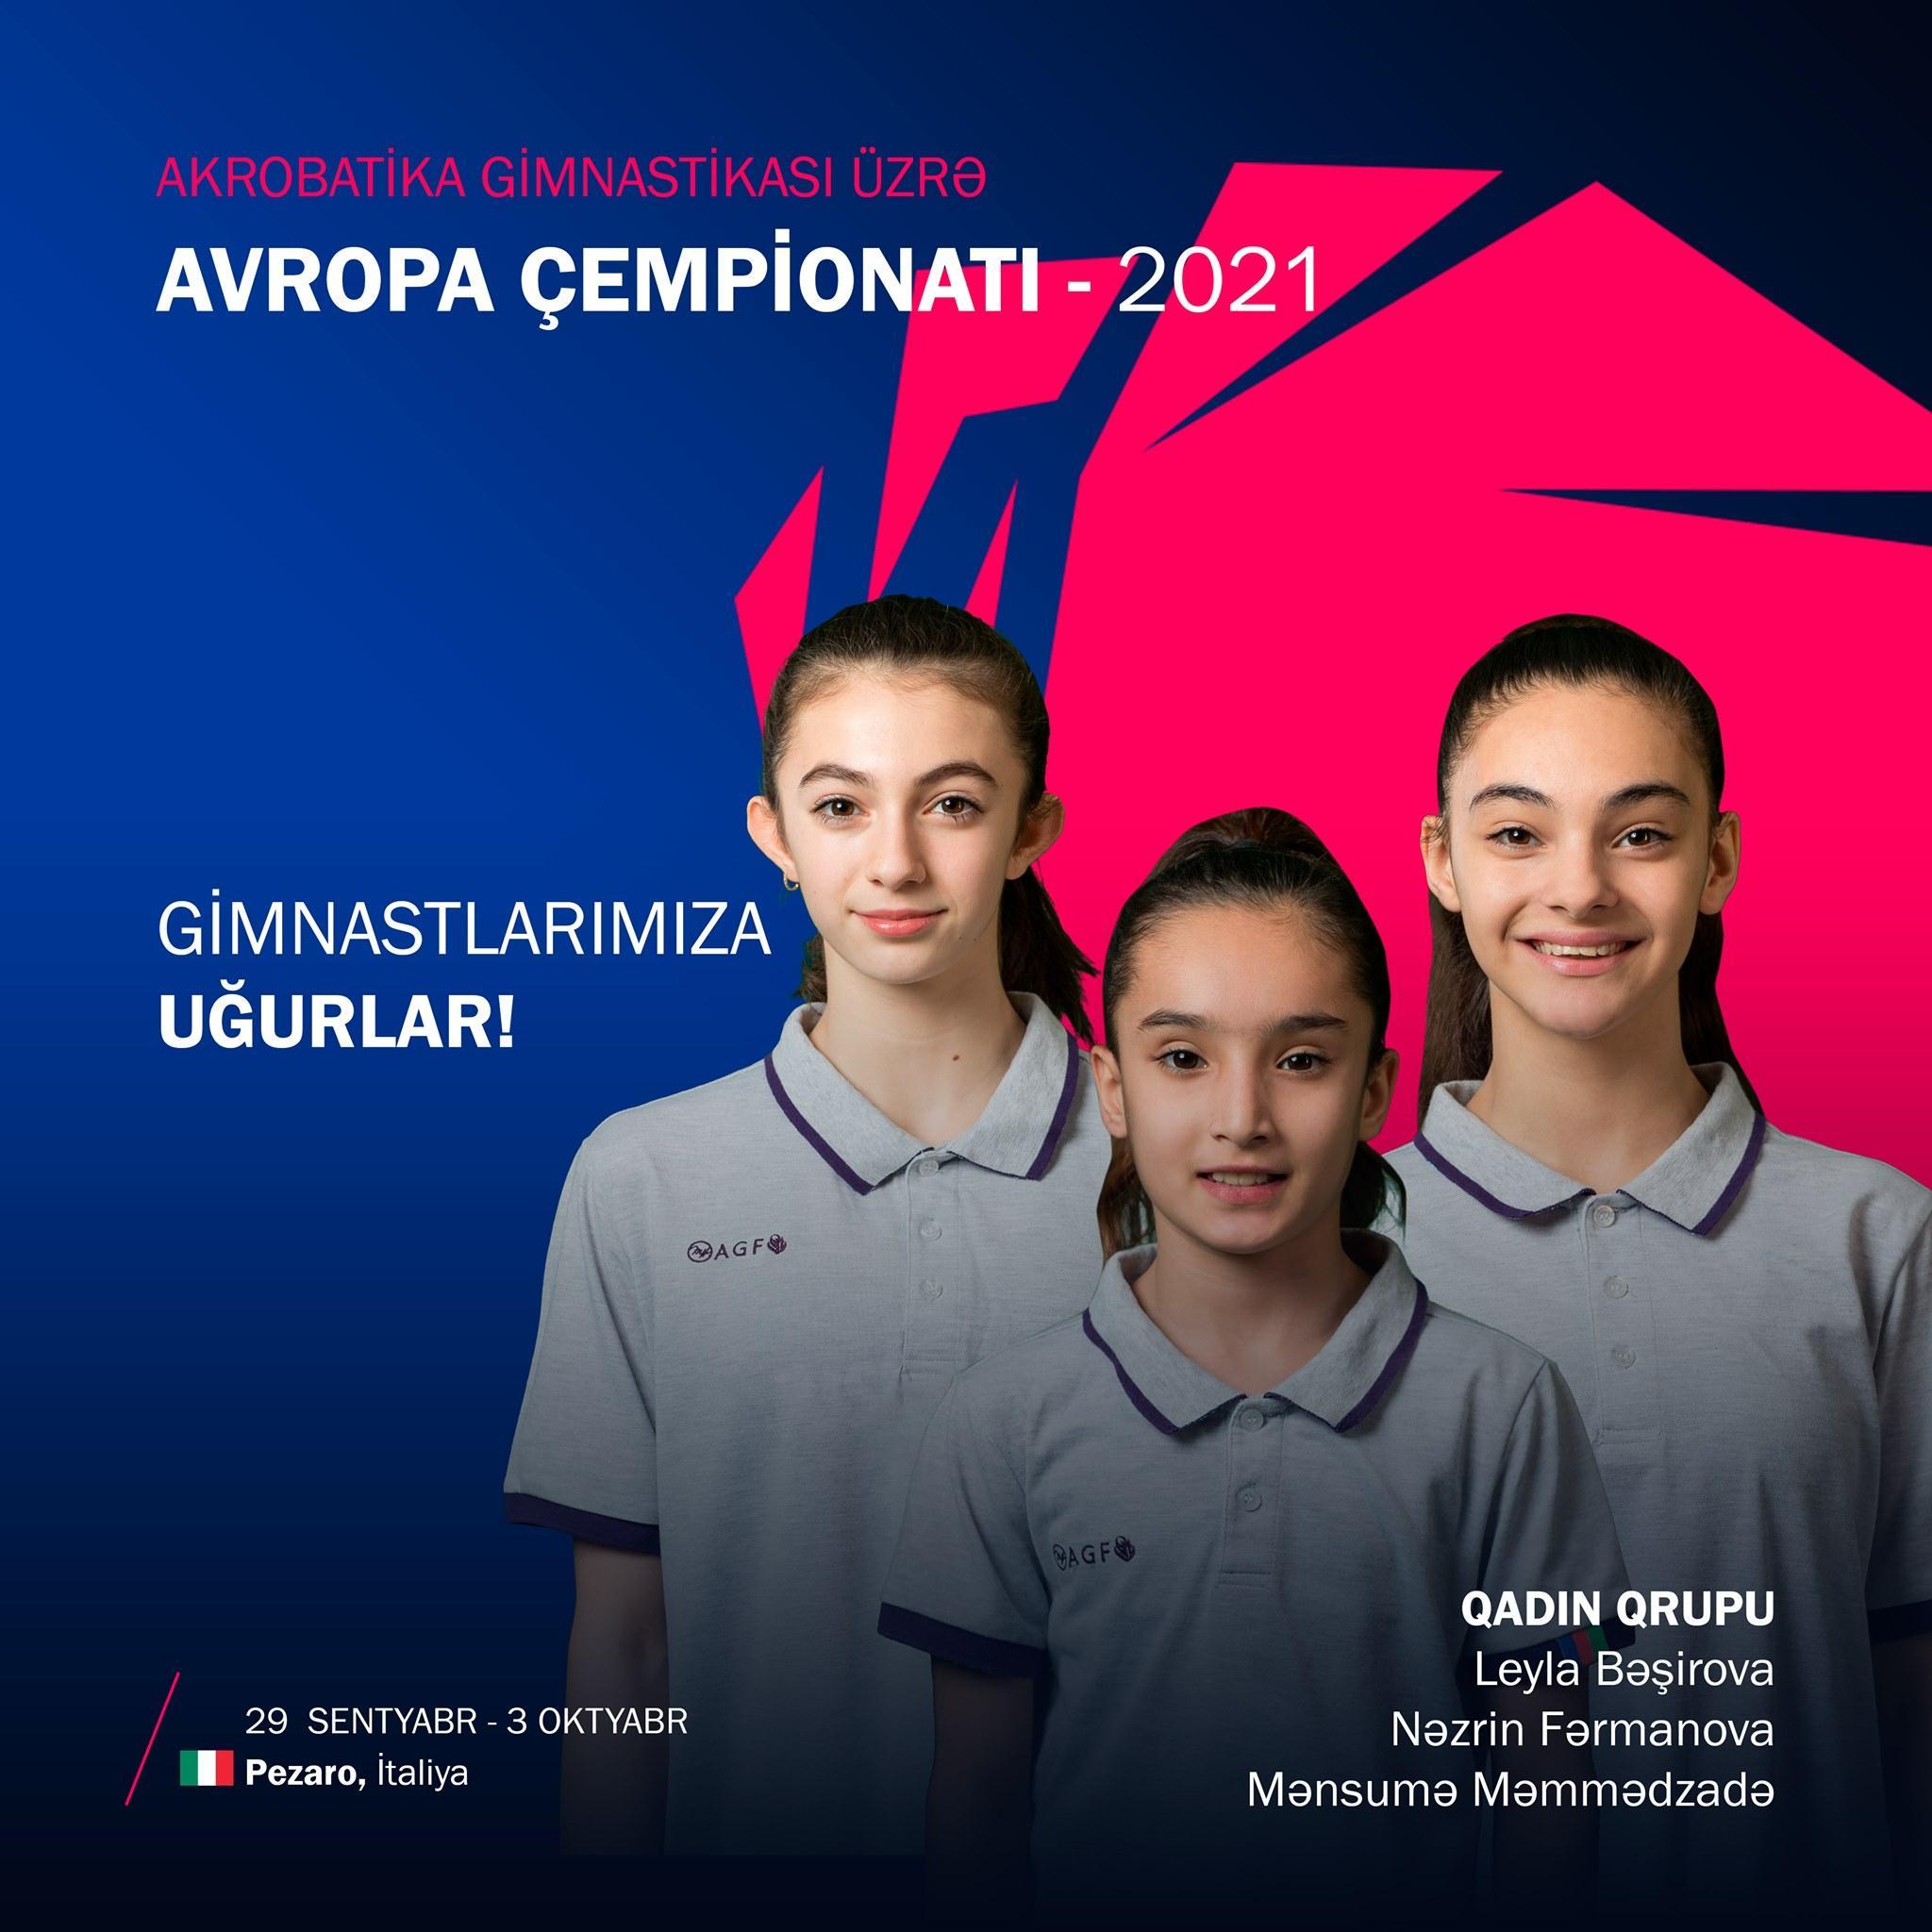 Avropa çempionatında çıxış edəcək azərbaycanlıların adları - FOTOLAR